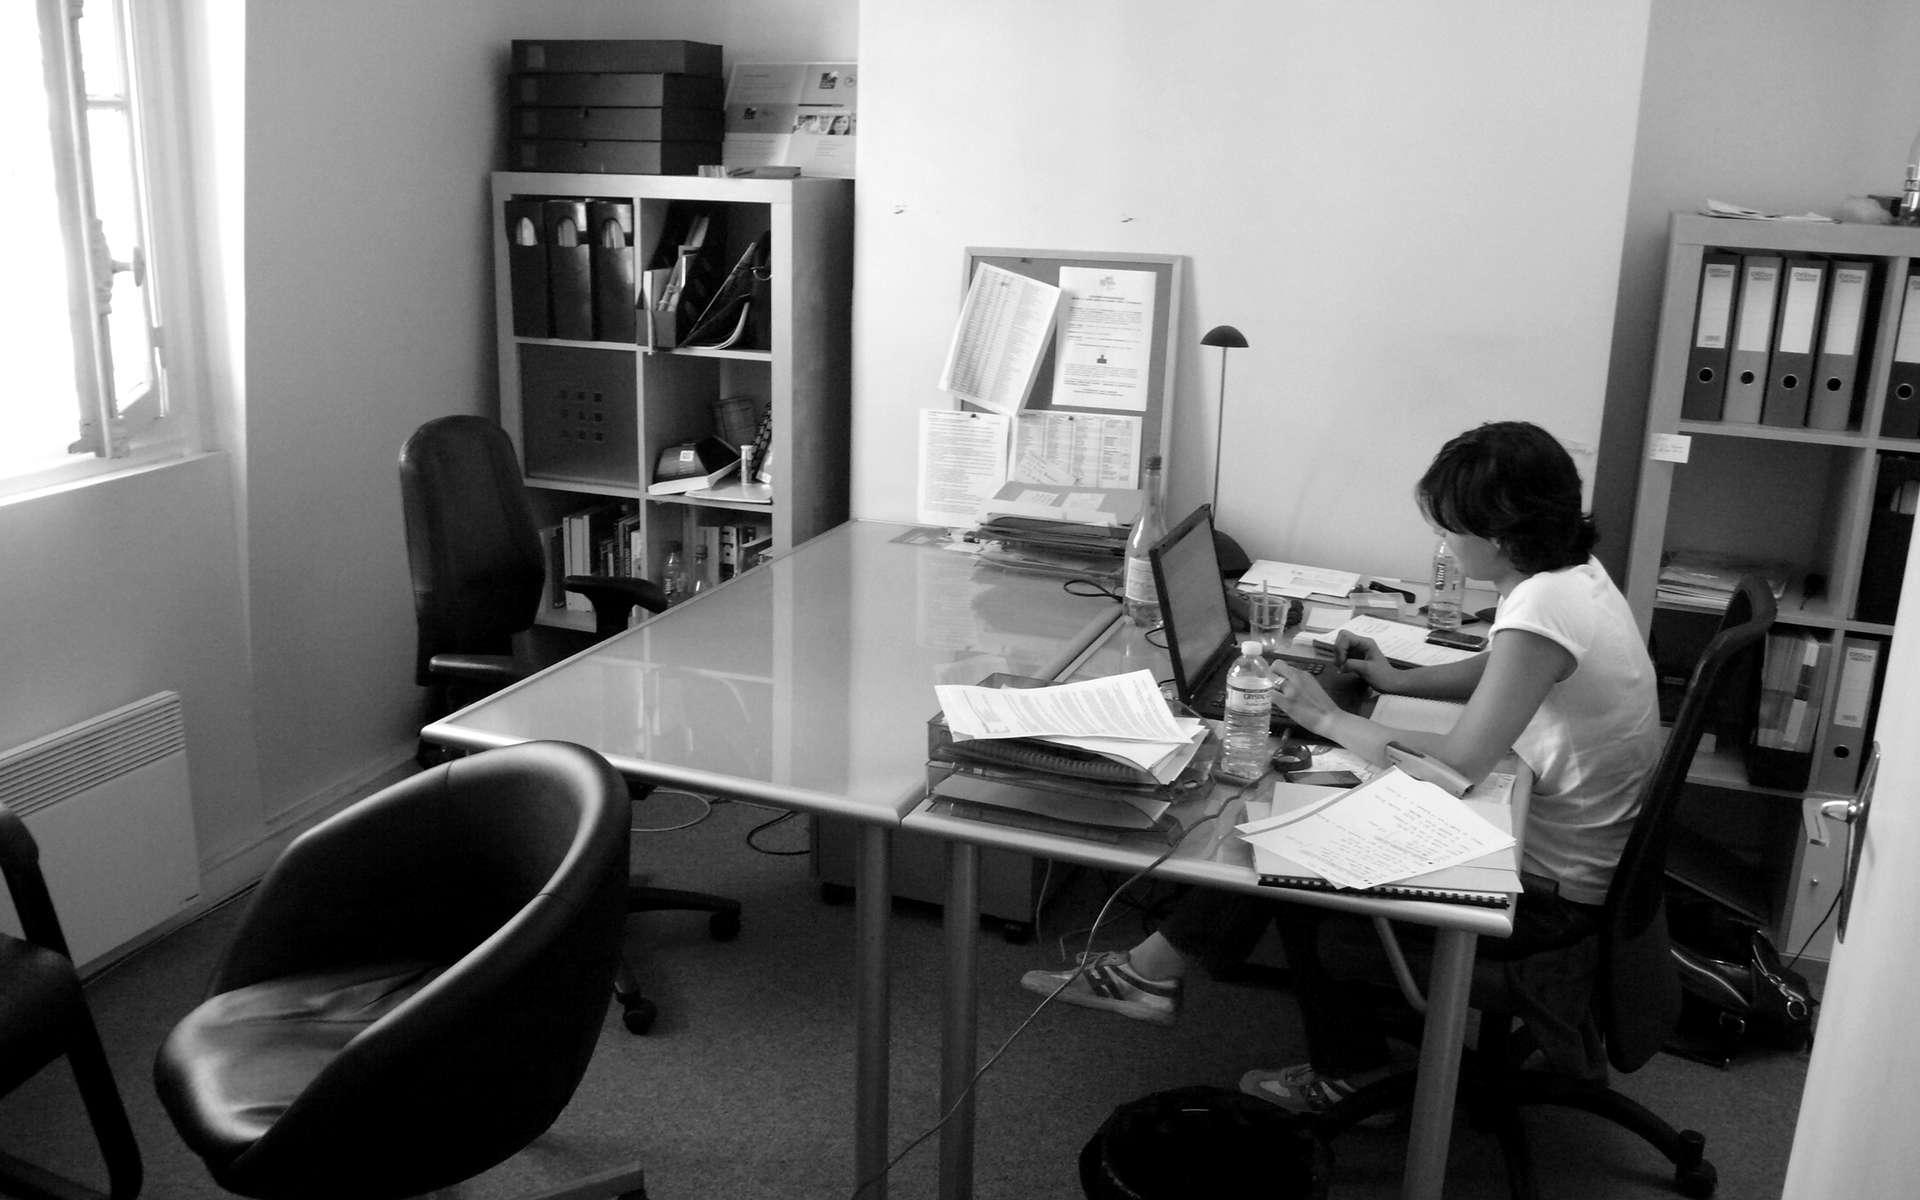 Le burn-out est directement lié aux conditions de stress au travail : tâches monotones, délais courts, responsabilités, horaires longs... © Altaide-flickr CC by nc nd 2.0